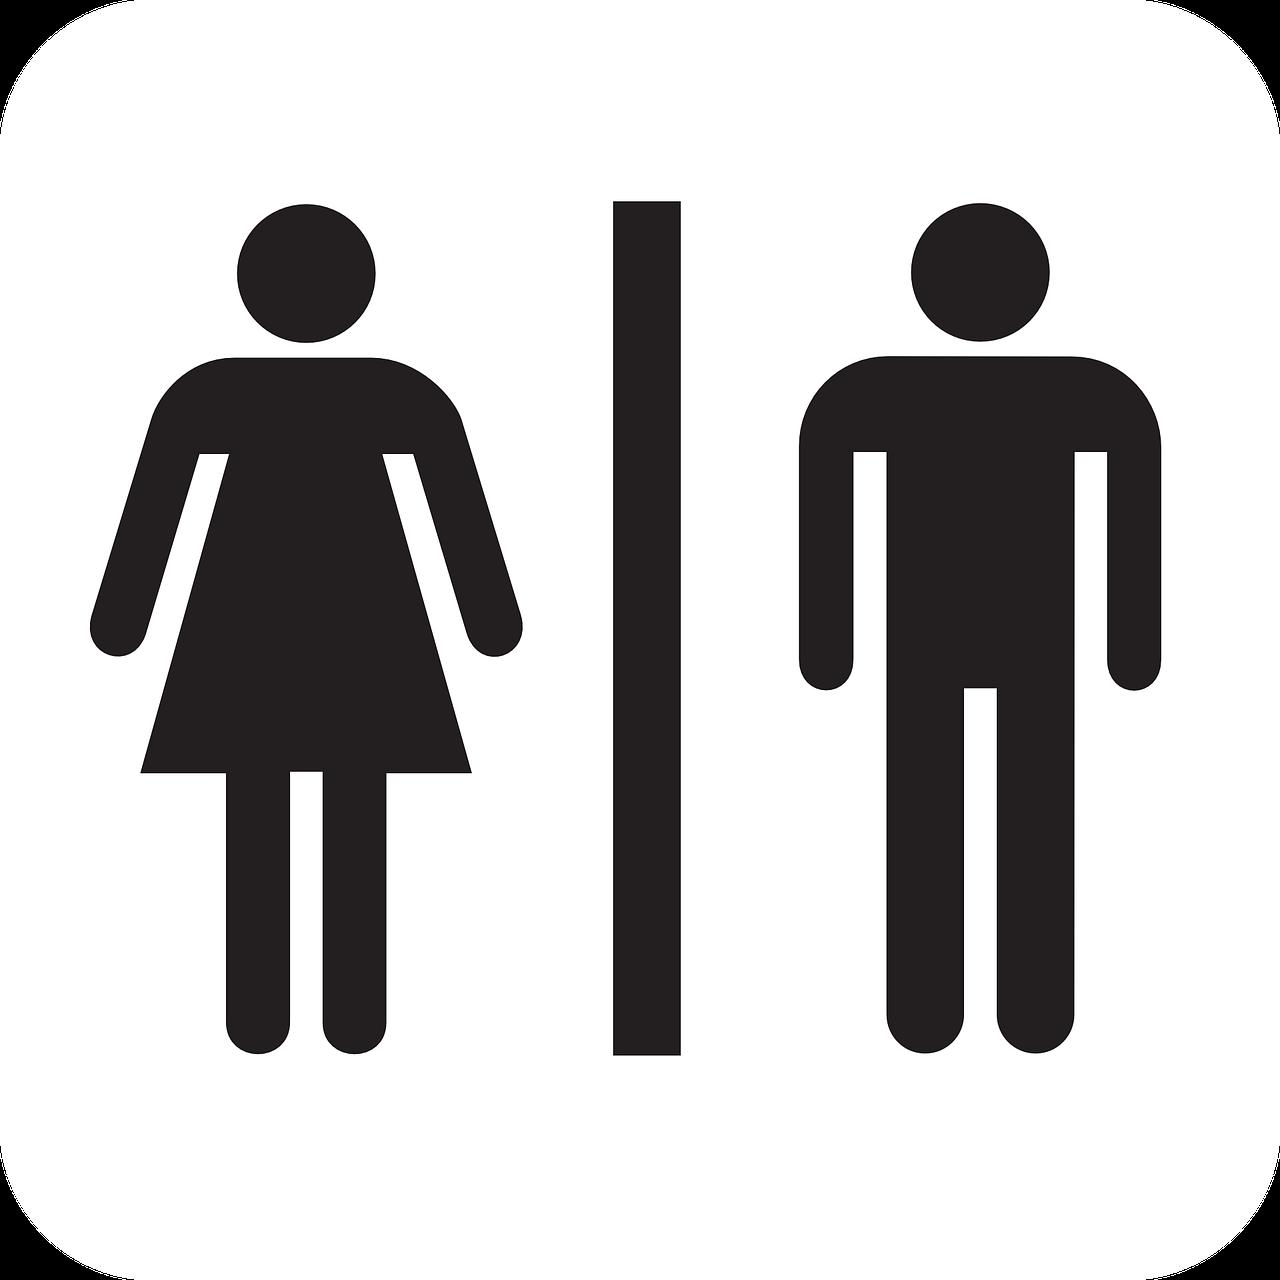 restroom-304987_1280.png